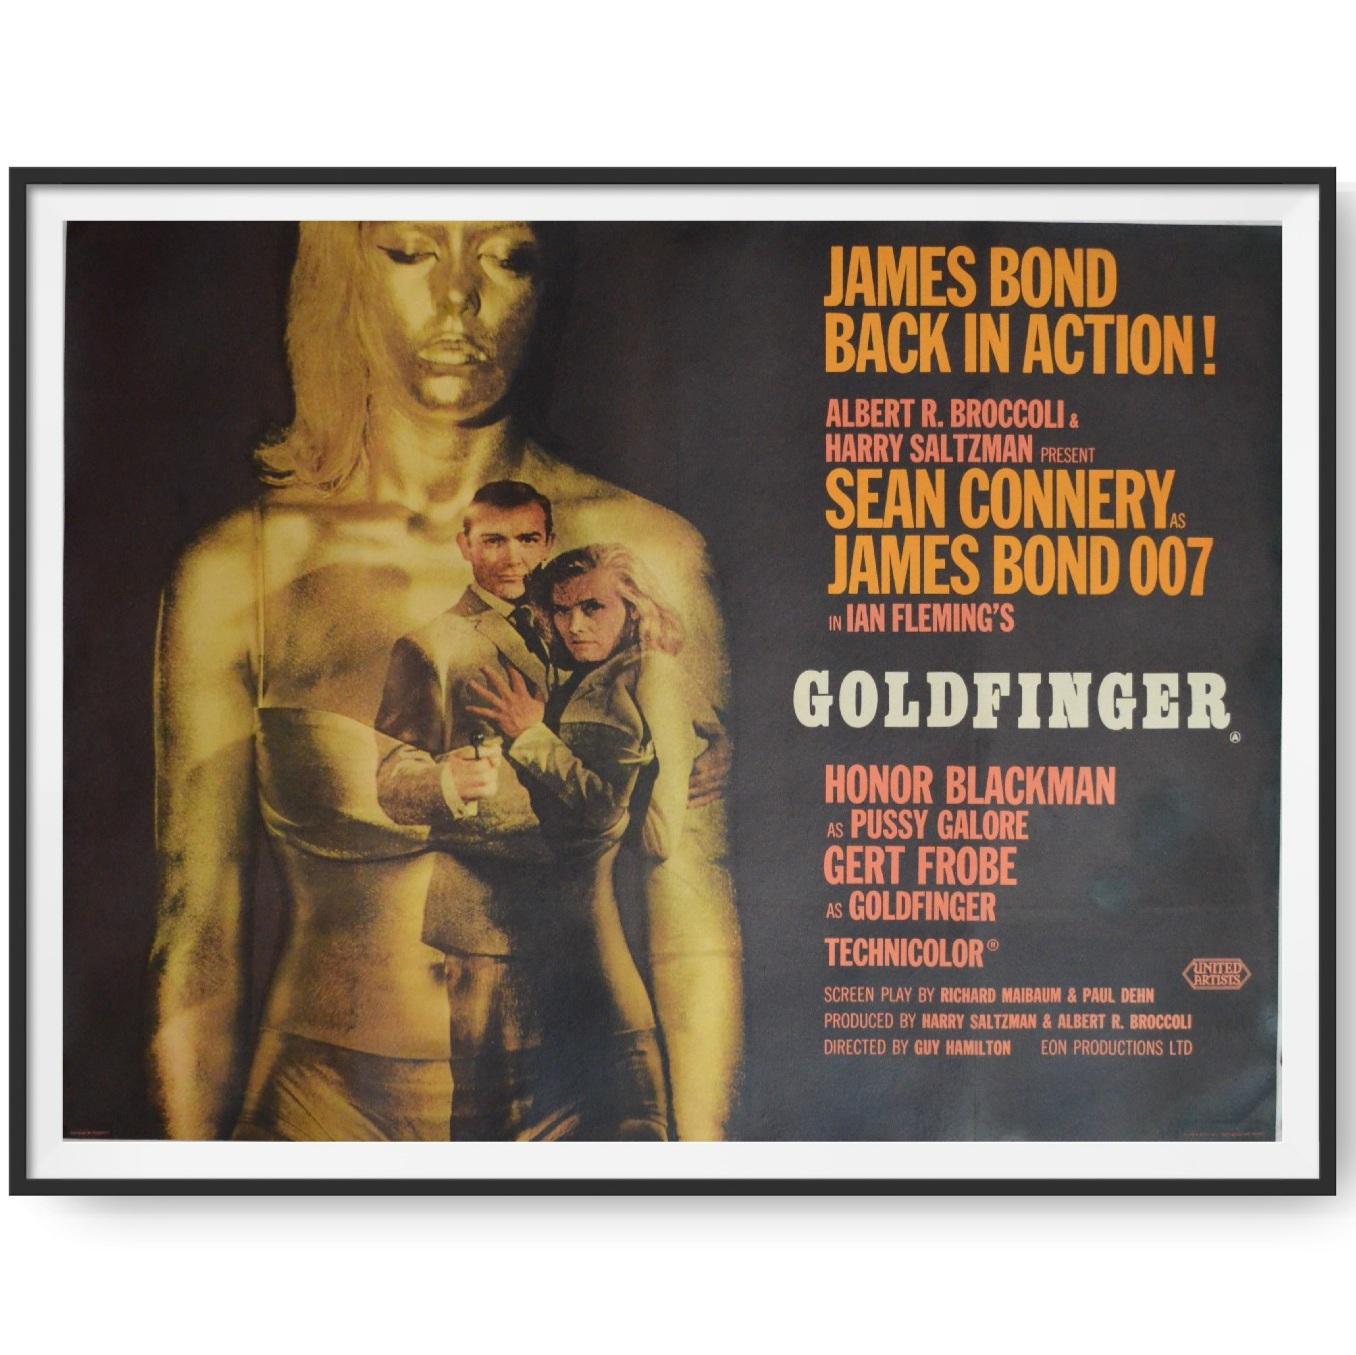 Original UK Quad Poster for the film Goldfinger